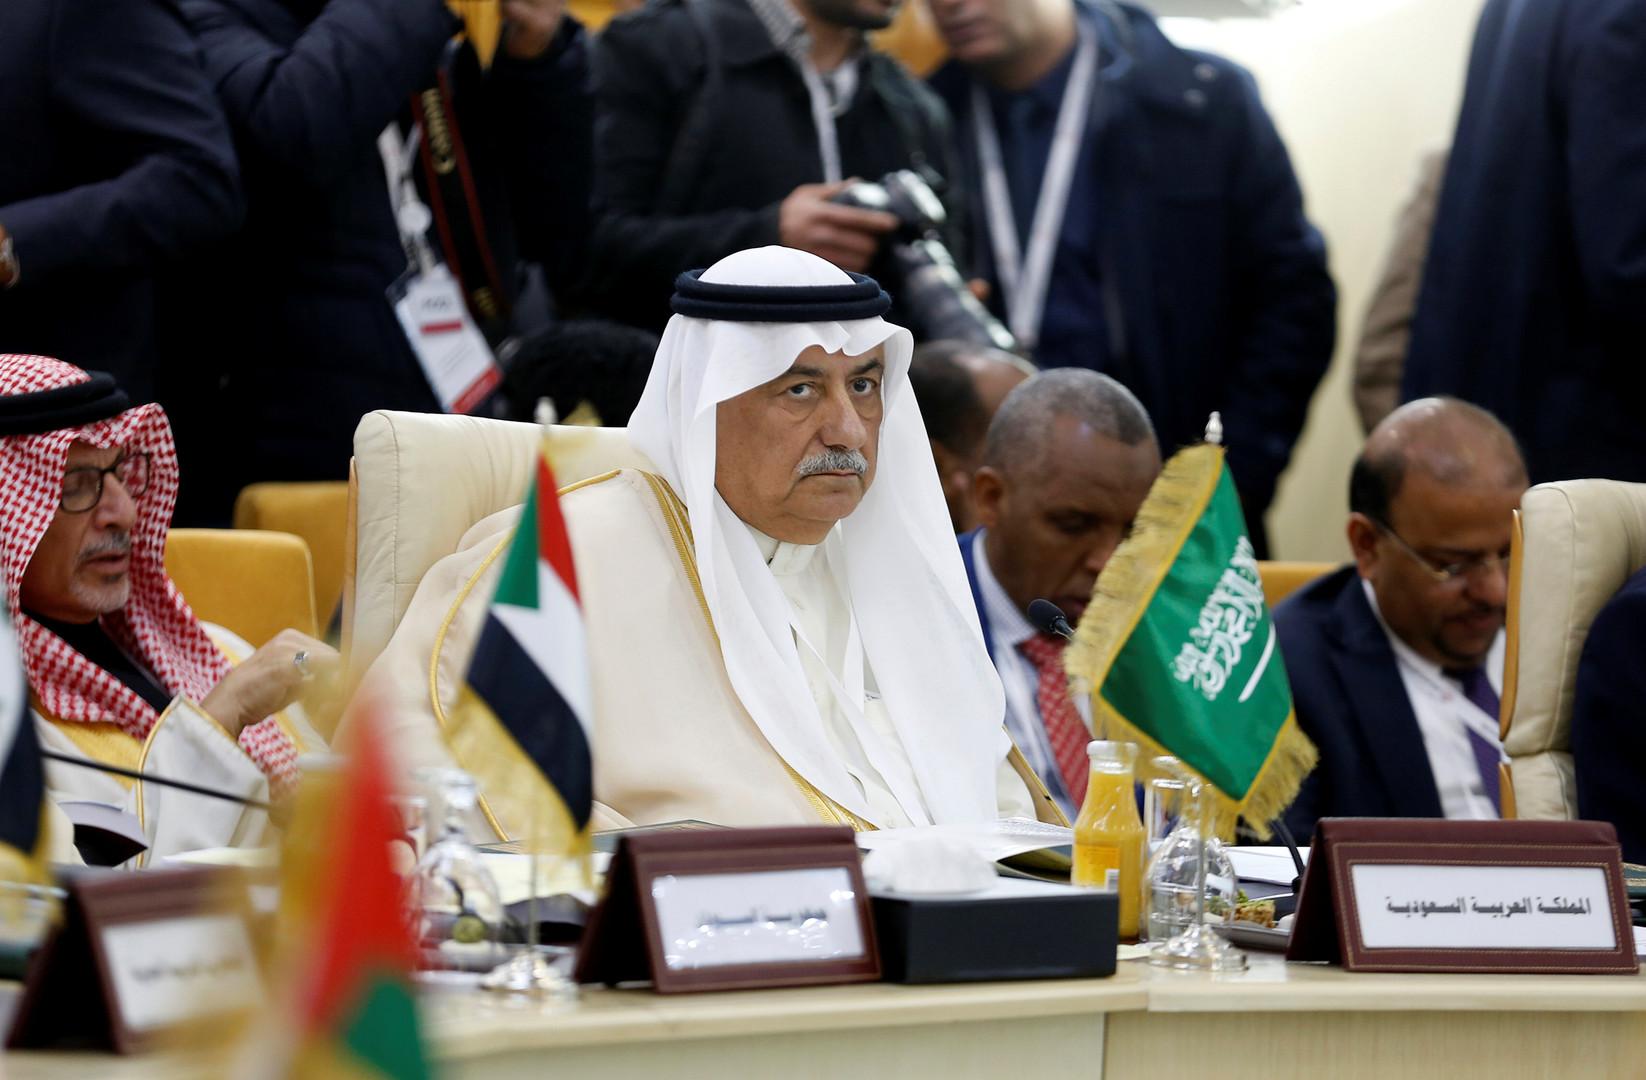 السعودية: الصراع مع إسرائيل أبرز التحديات أمام العالم الإسلامي